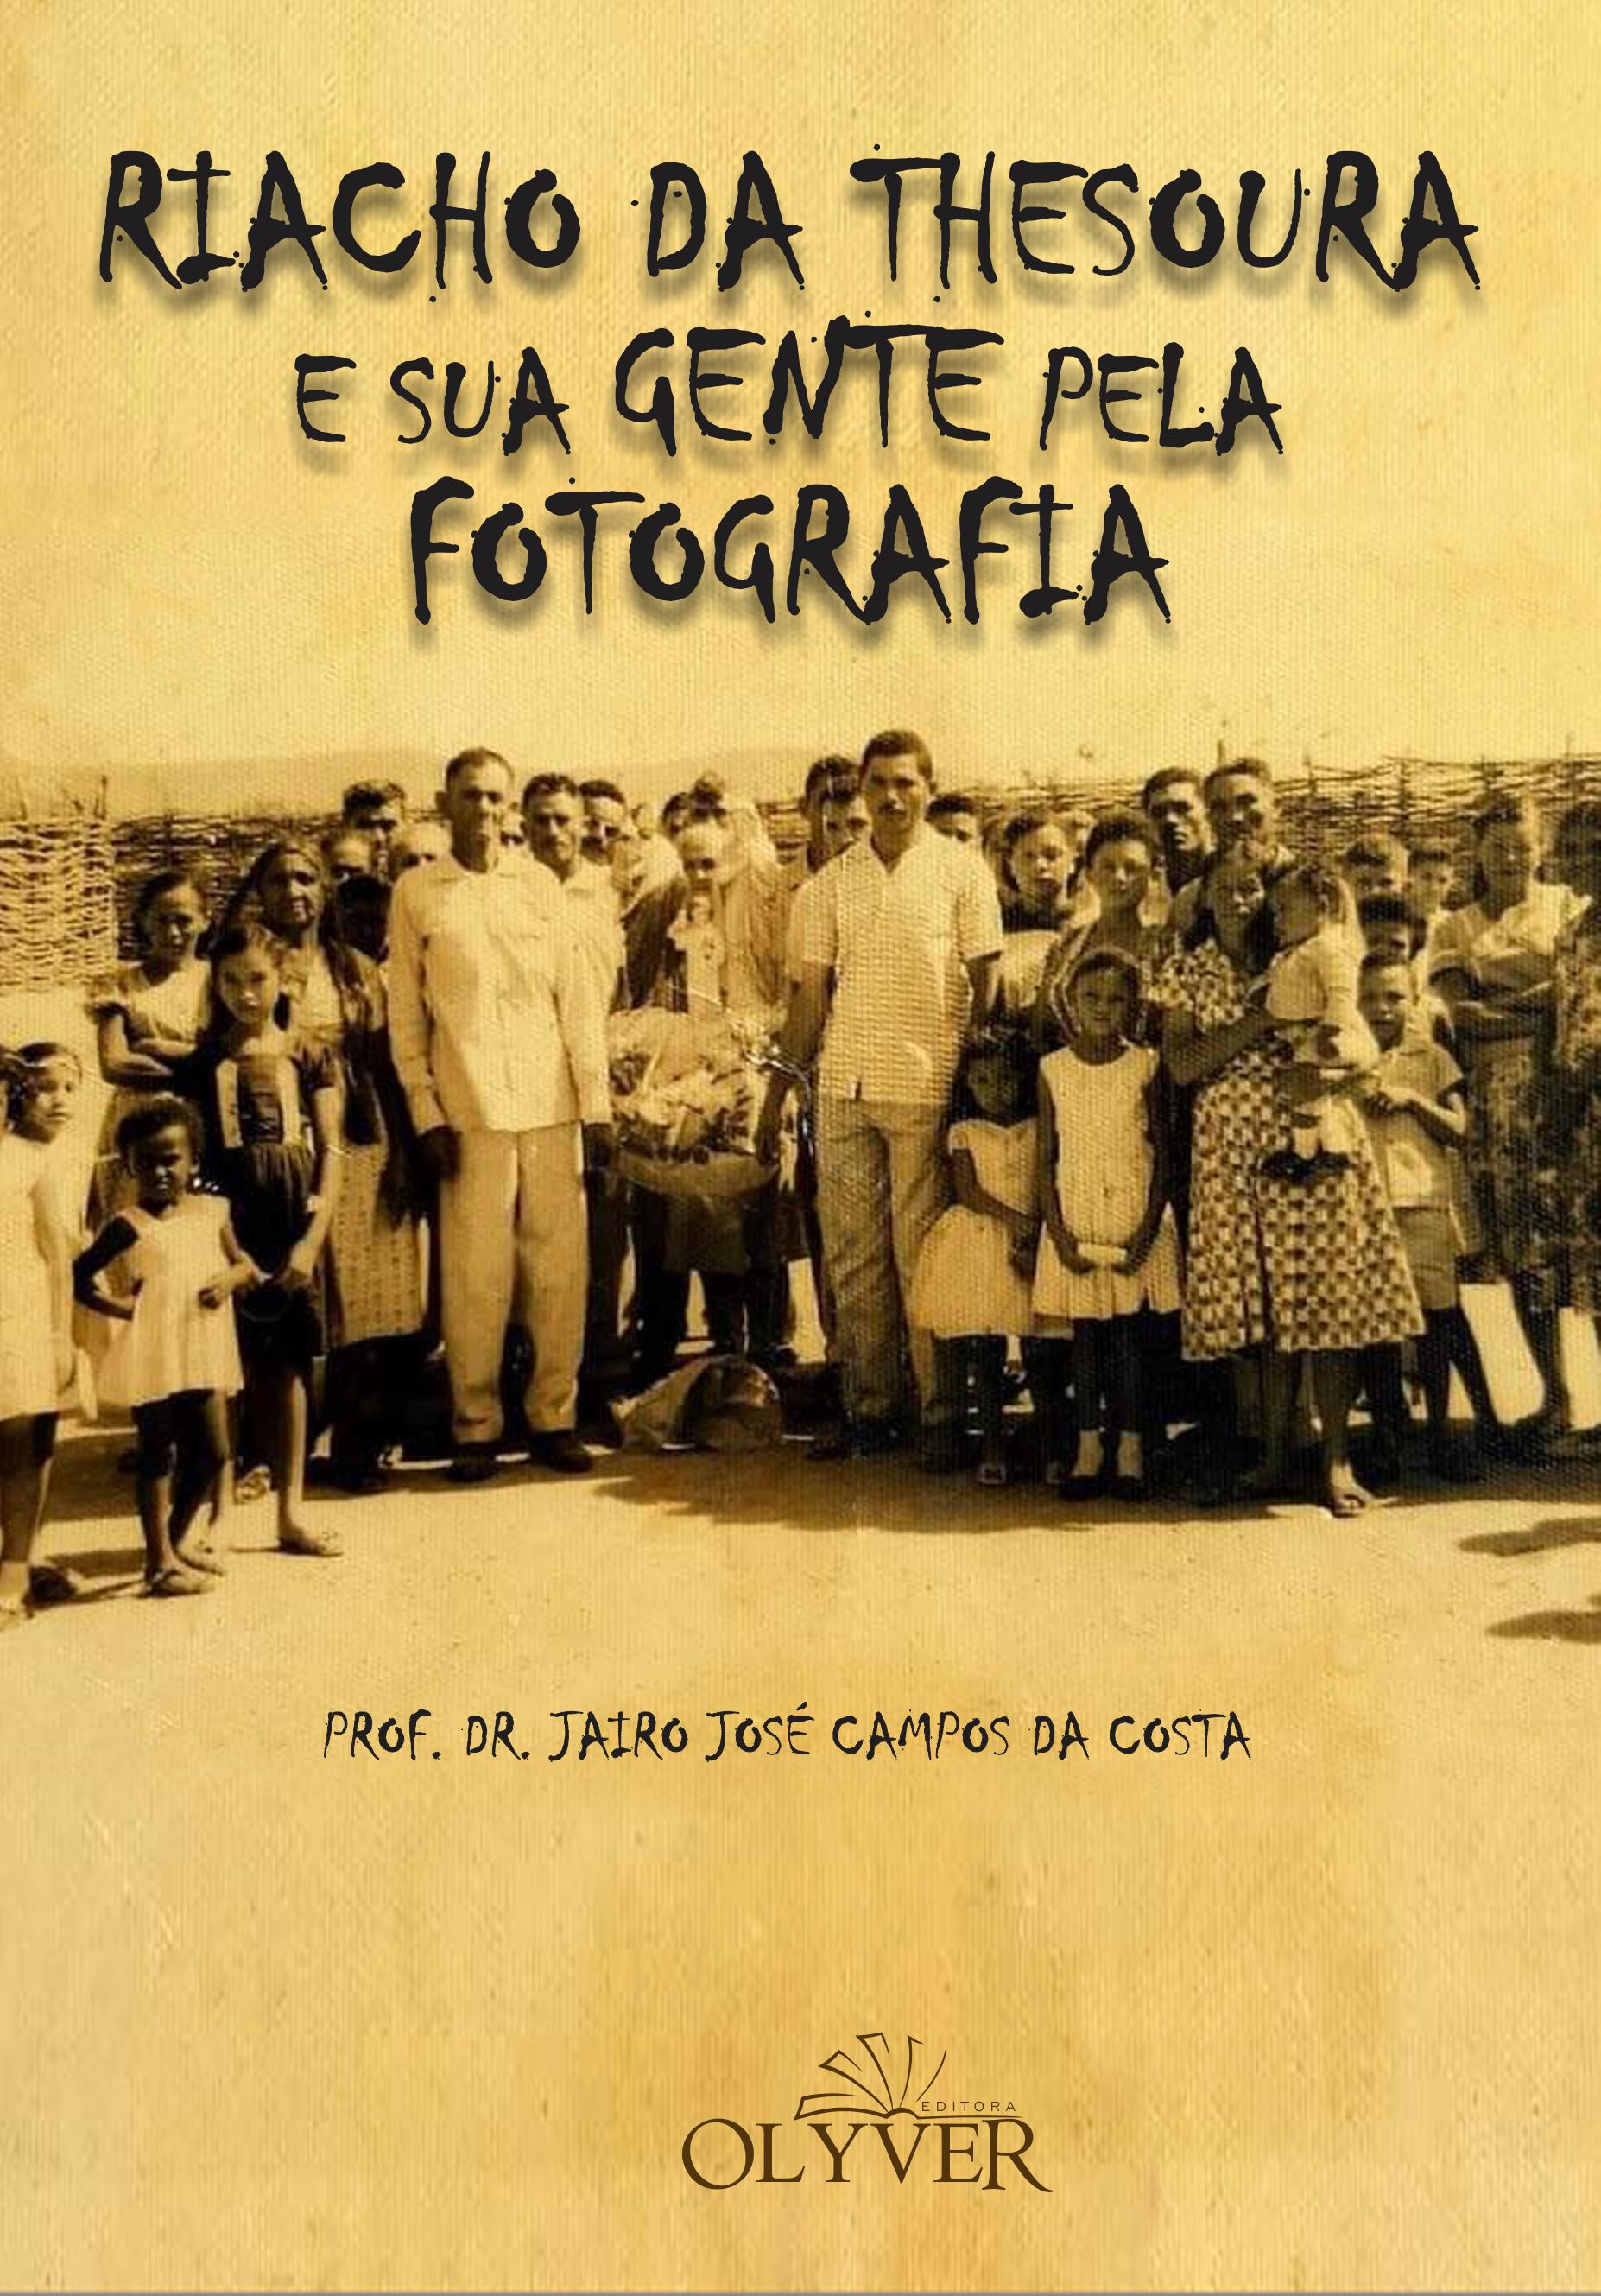 CAPA RIACHO DA THESOURA - EDITORA OLYVER